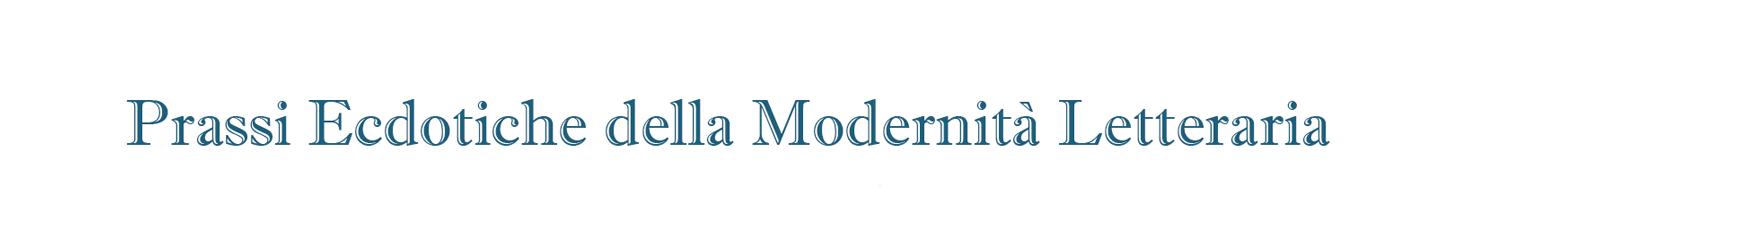 Prassi Ecdotiche della Modernità Letteraria